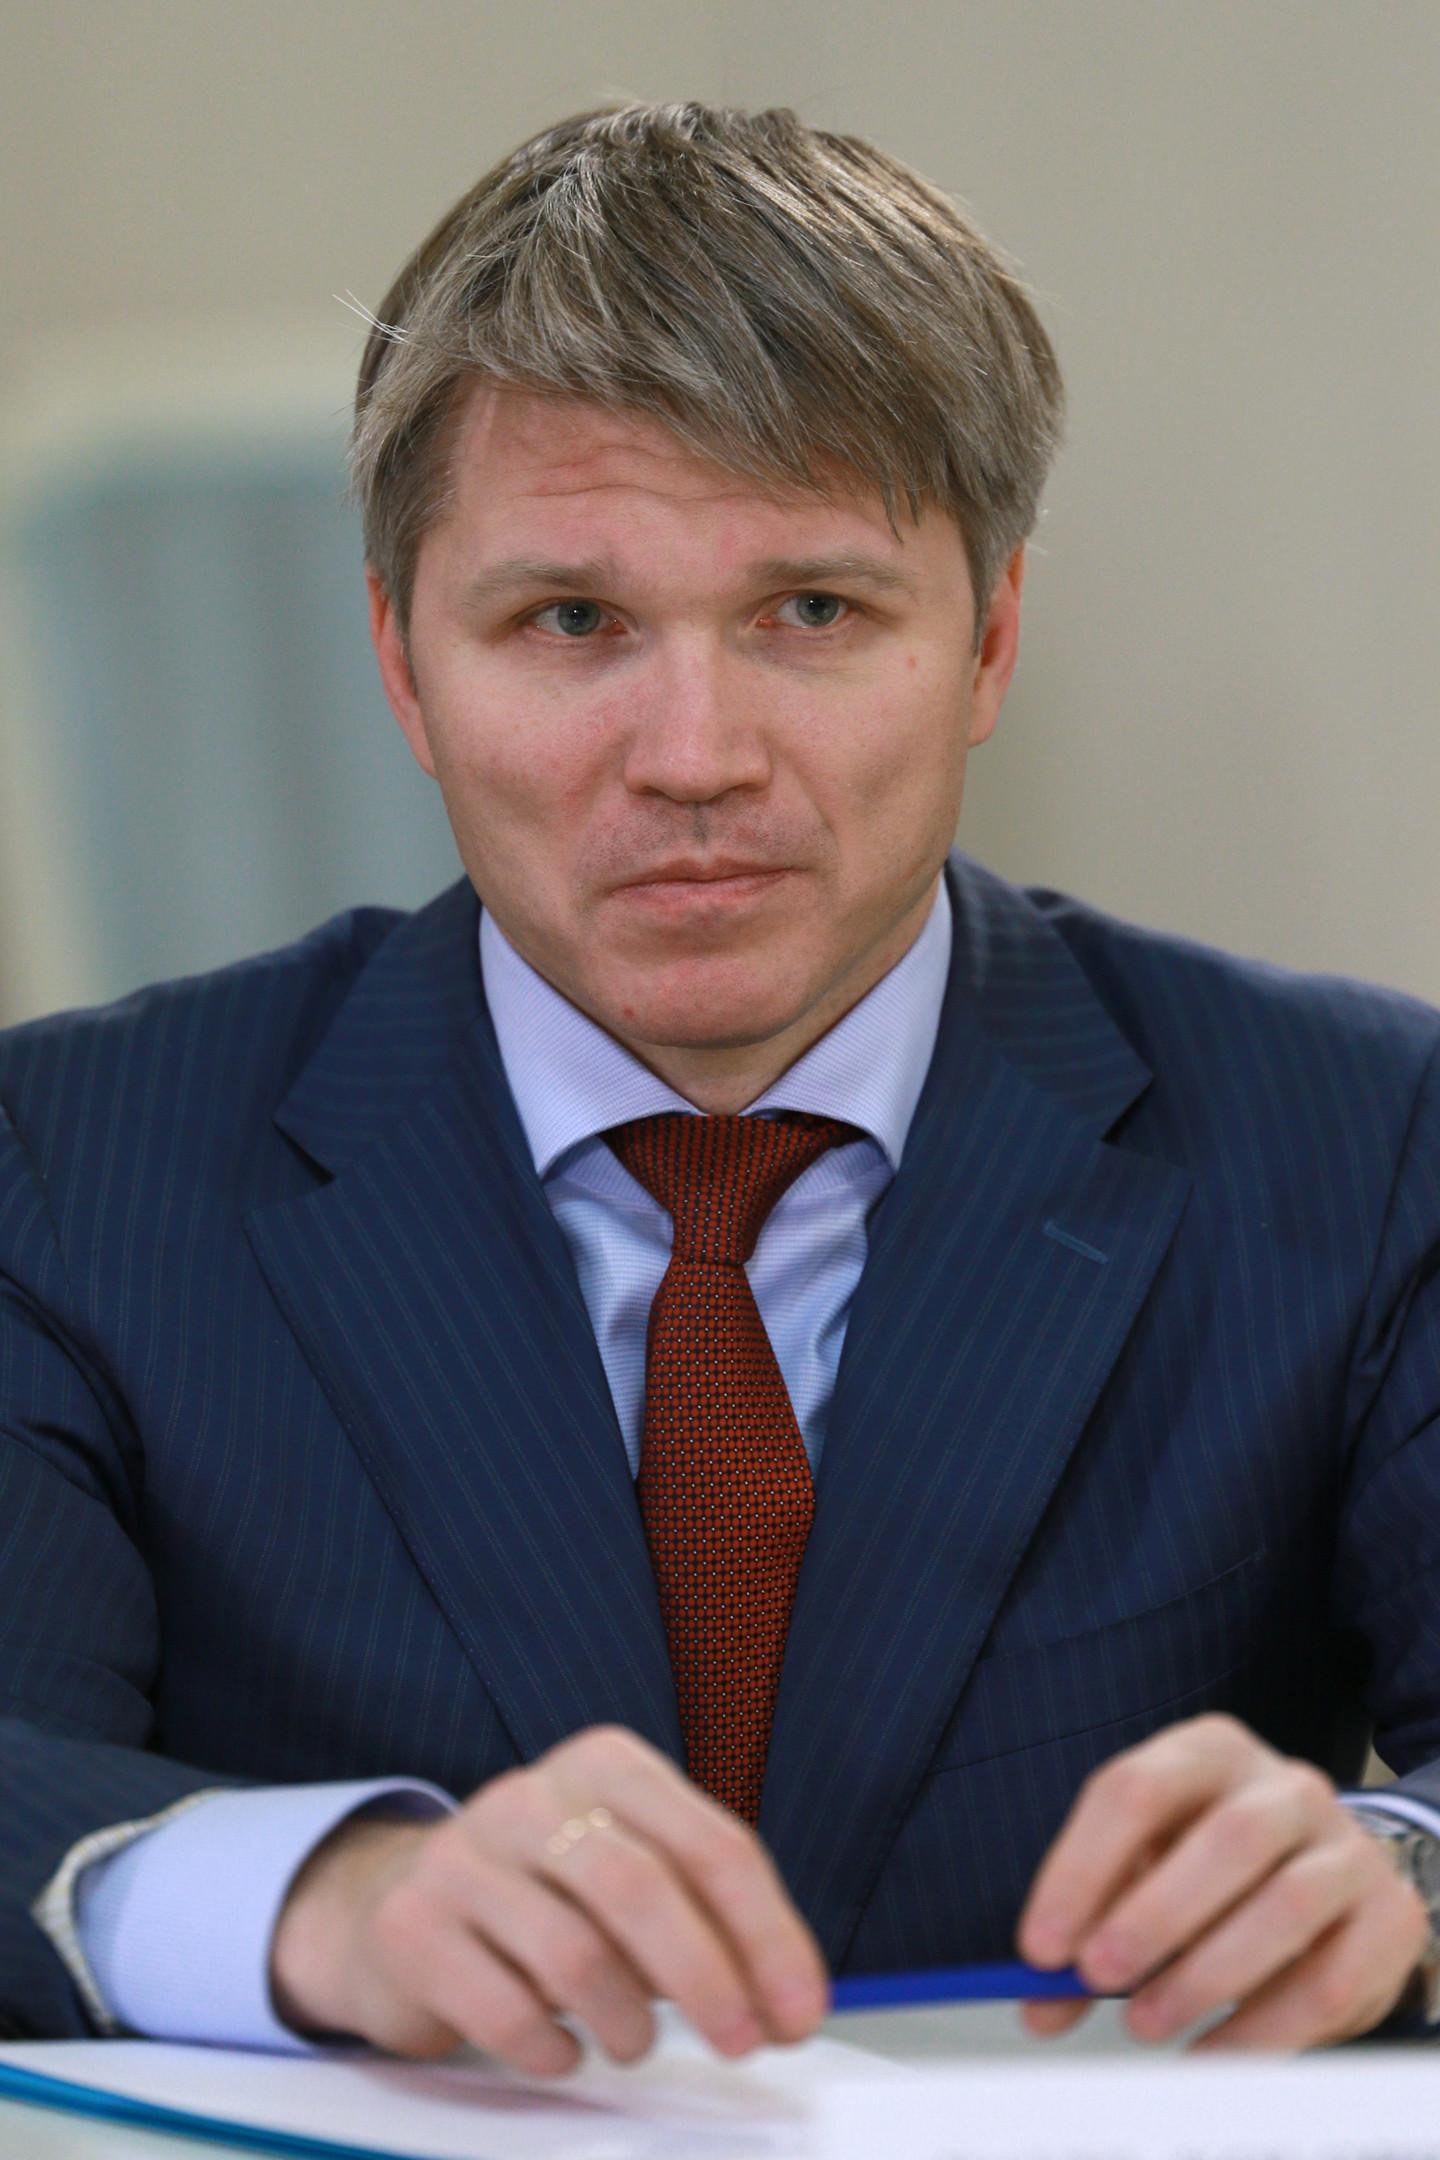 Кто такой новый министр спорта Павел Колобков